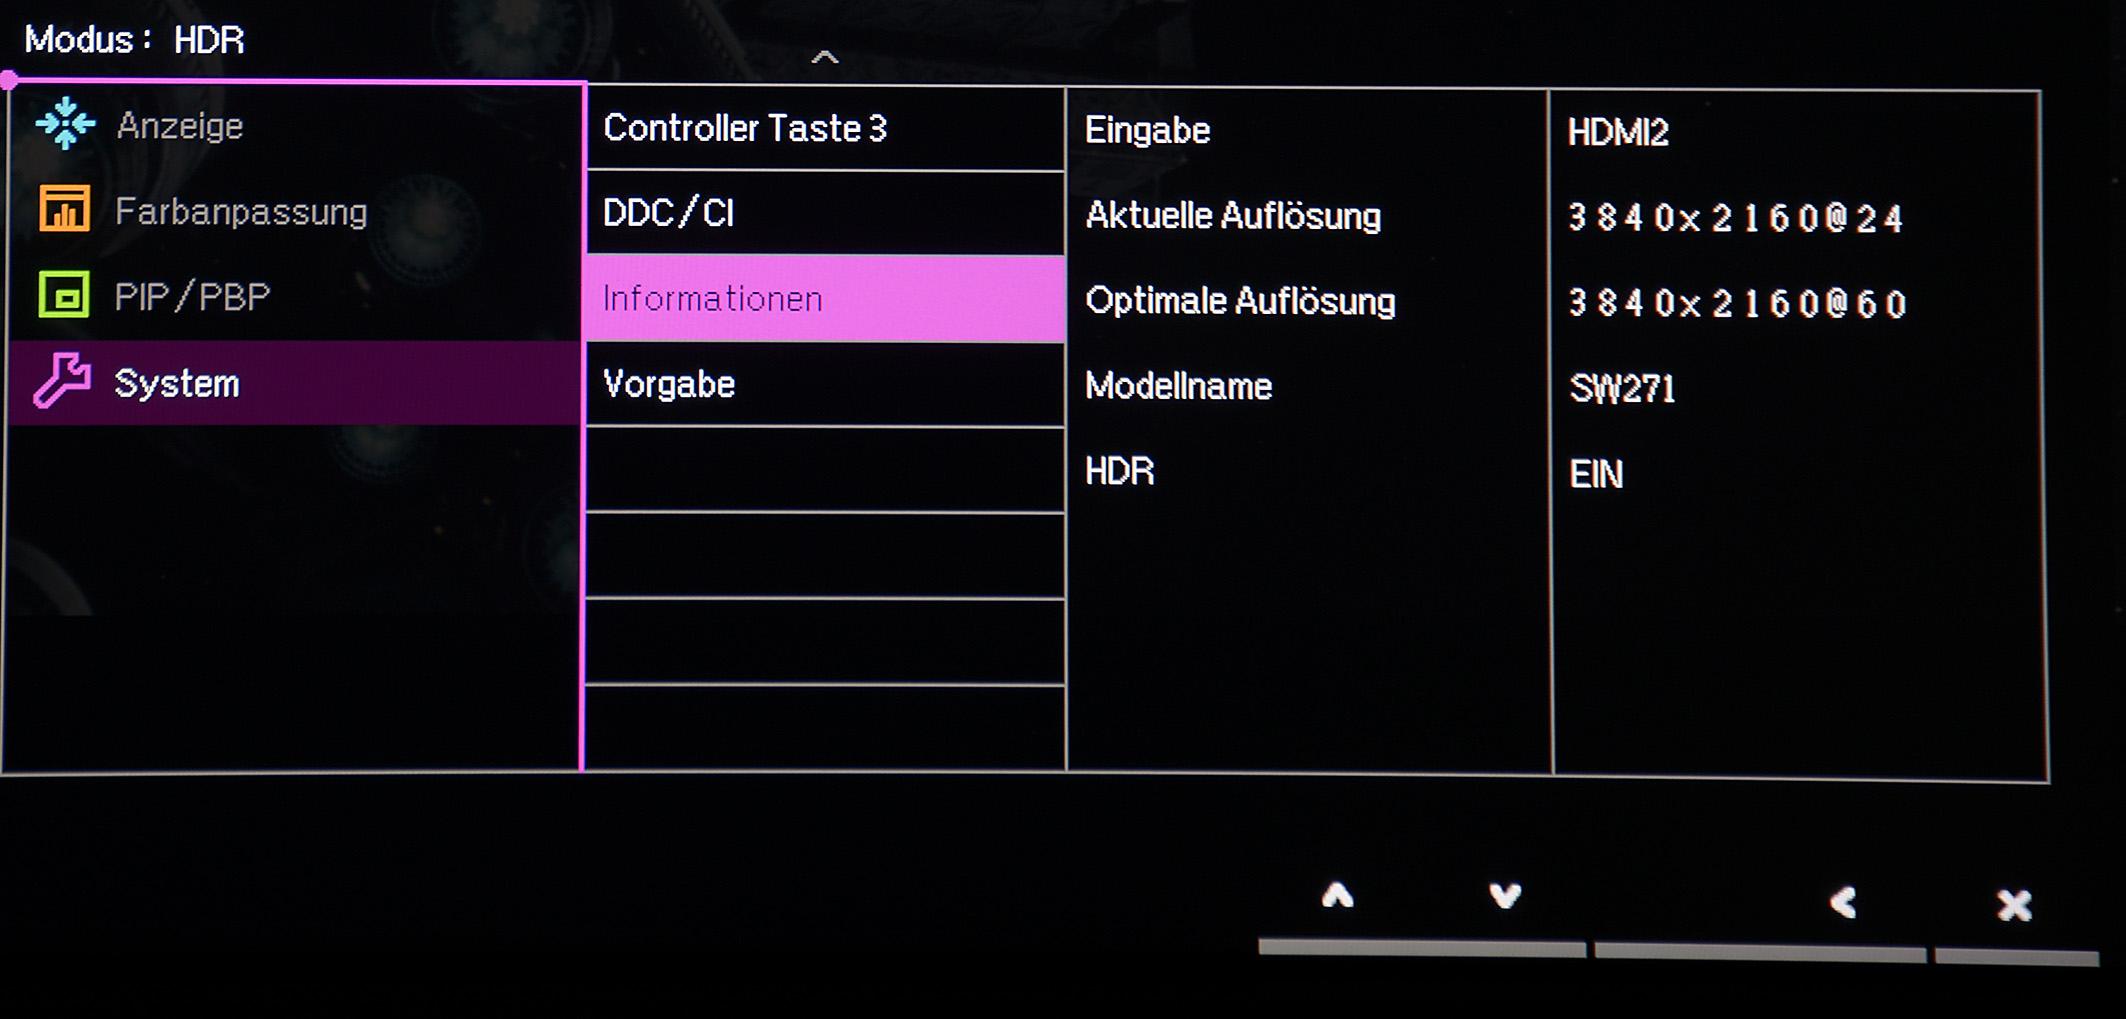 """Die Info-Anzeige des BenQ SW271 stellt unter Beweis, dass der Blockbuster """"Alien: Covenant"""" in HDR und mit einer Auflösung von 3840 x 2160 Pixeln wiedergegeben wird. Foto: Michael B. Rehders"""